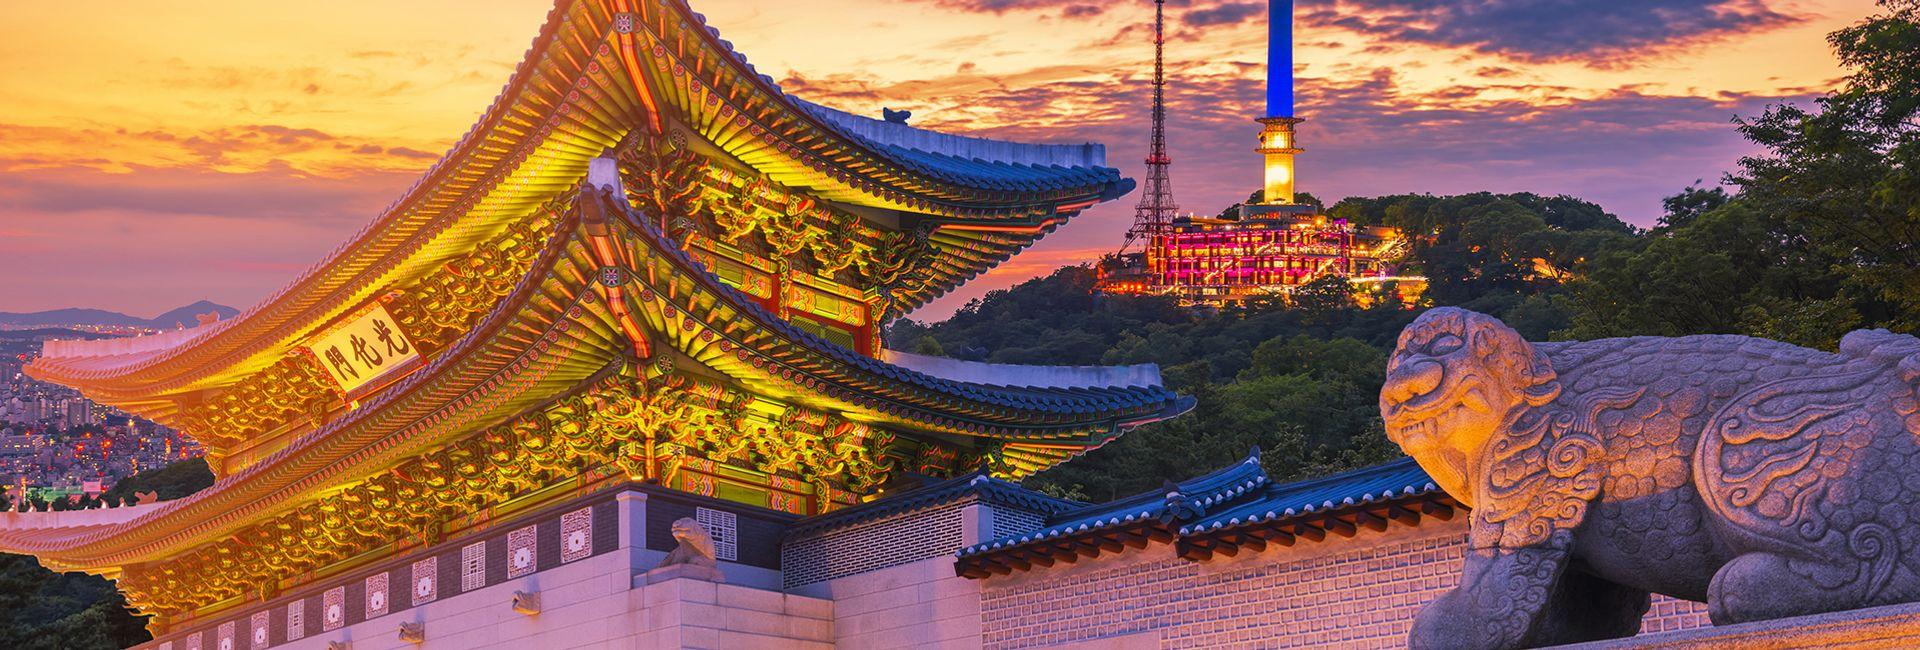 Kinh nghiệm du lịch Seoul dành cho gia đình